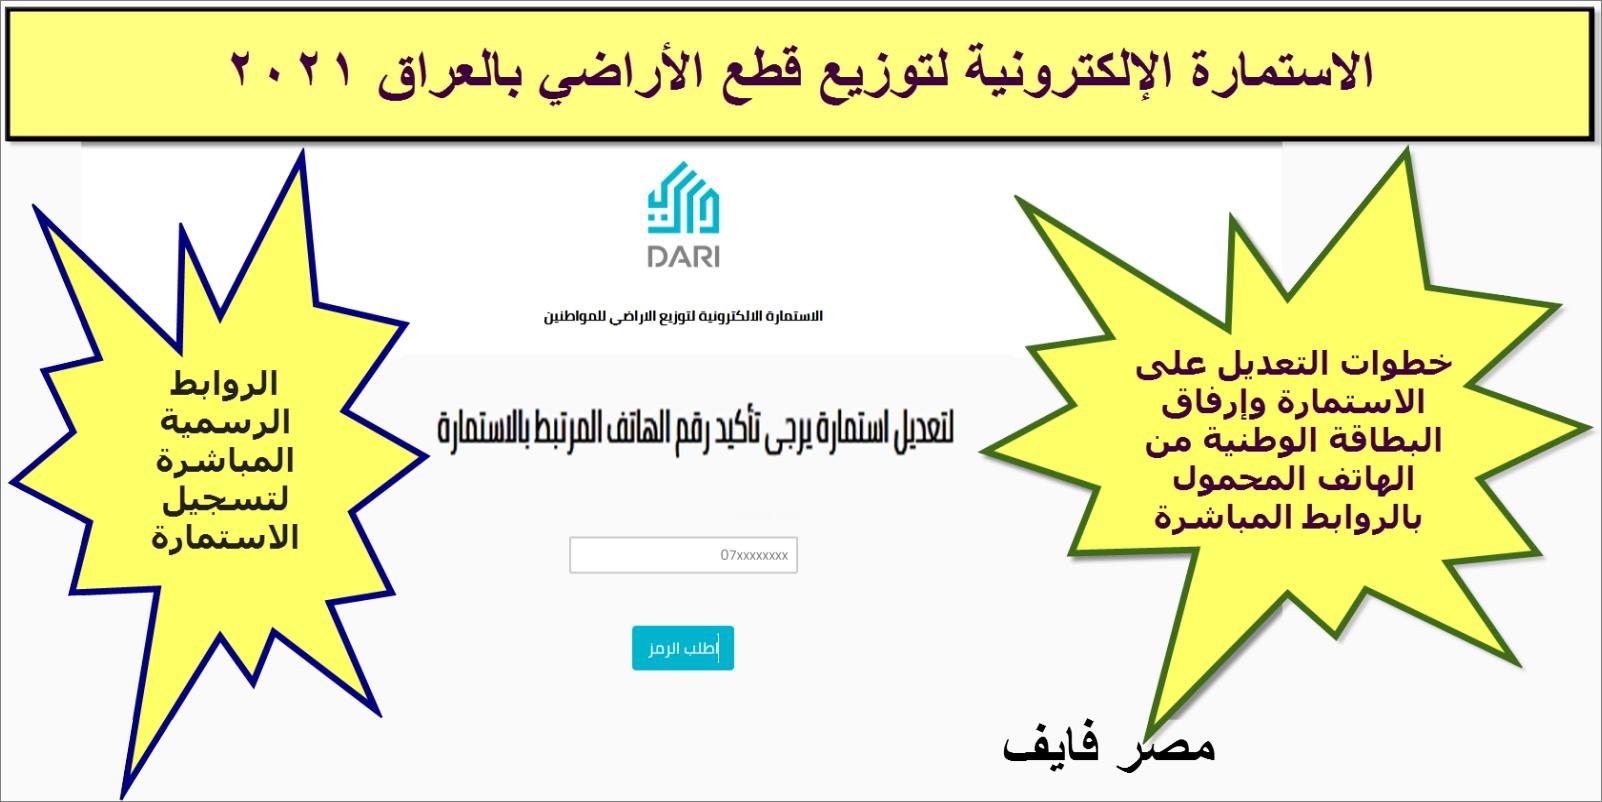 الاستمارة الالكترونية لتوزيع الاراضي للمواطنين بالعراق 2021 وخطوات التعديل وإرفاق البطاقة الوطنية من الهاتف